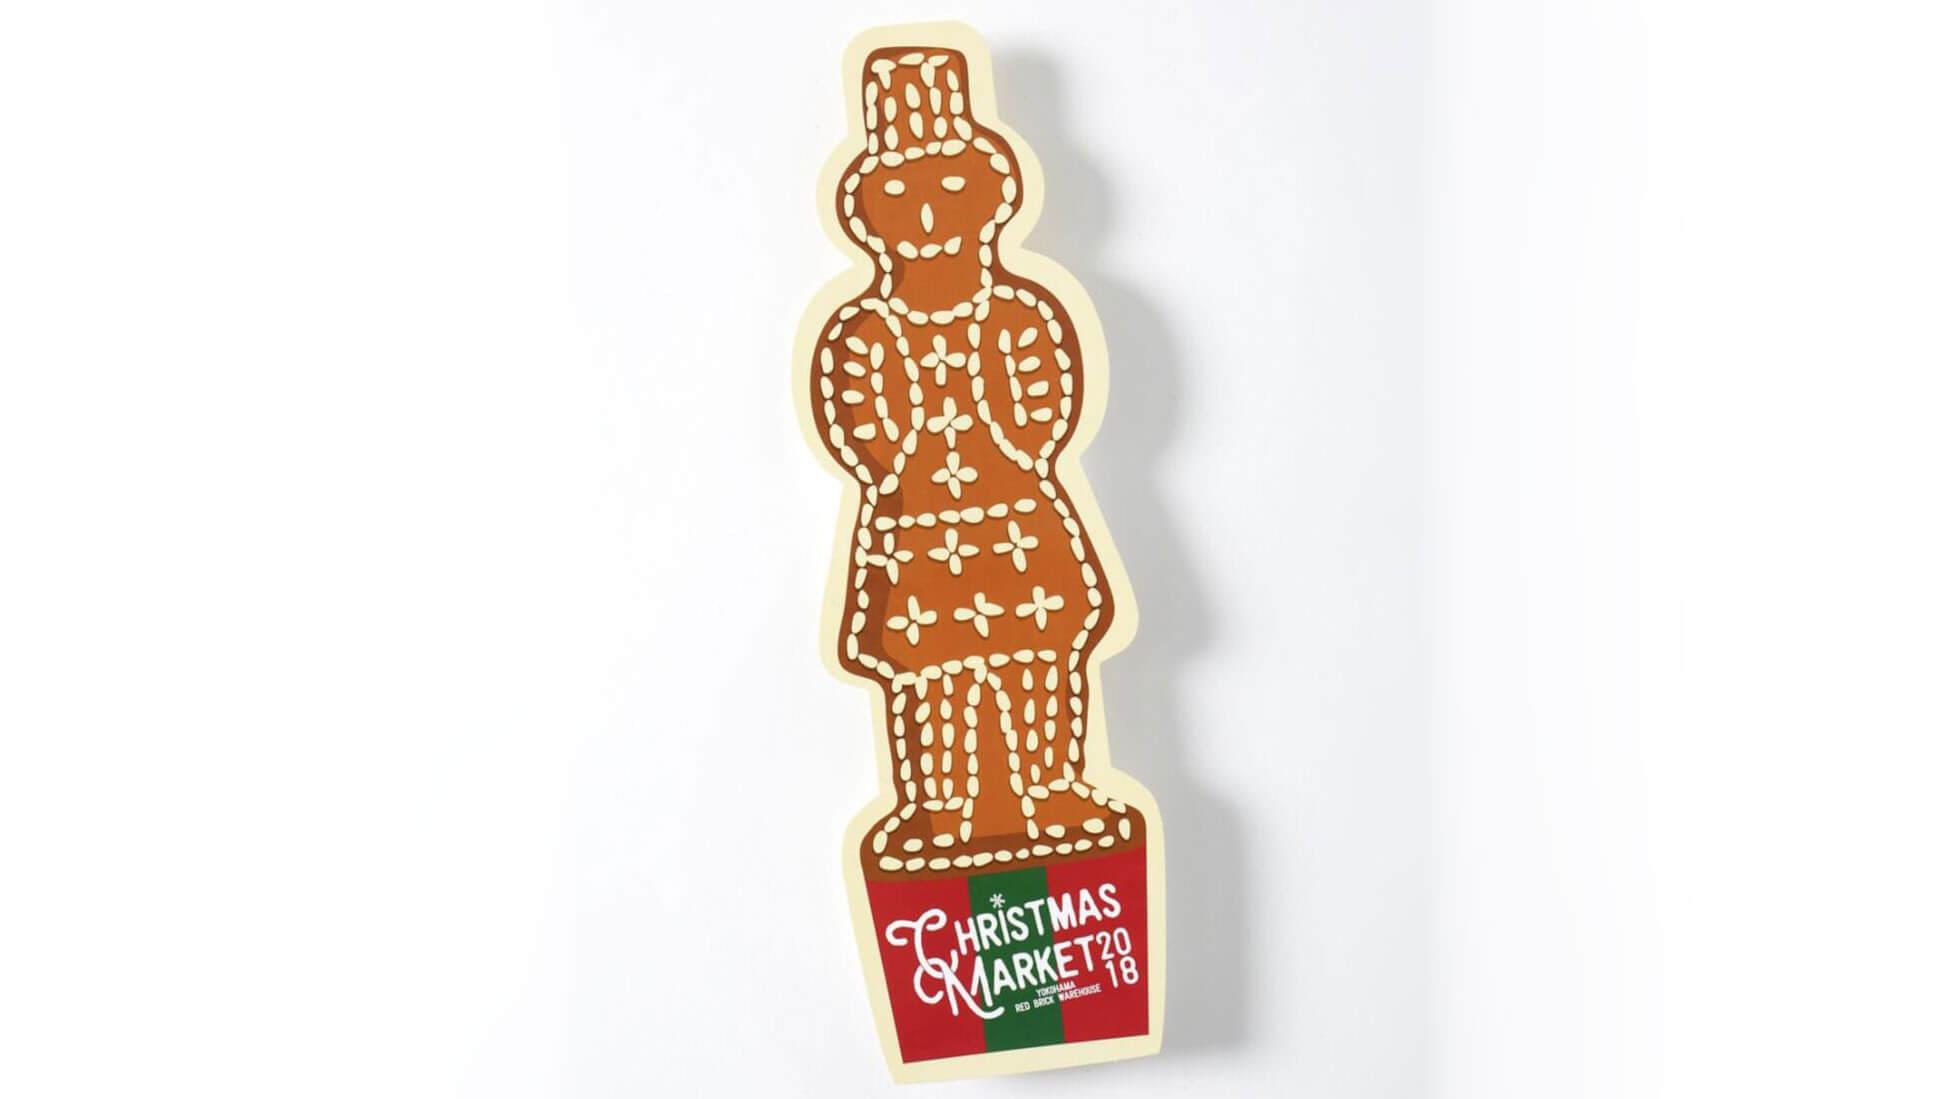 【事例紹介】株式会社横浜赤レンガ様「クリスマスマーケット型抜きチラシ」